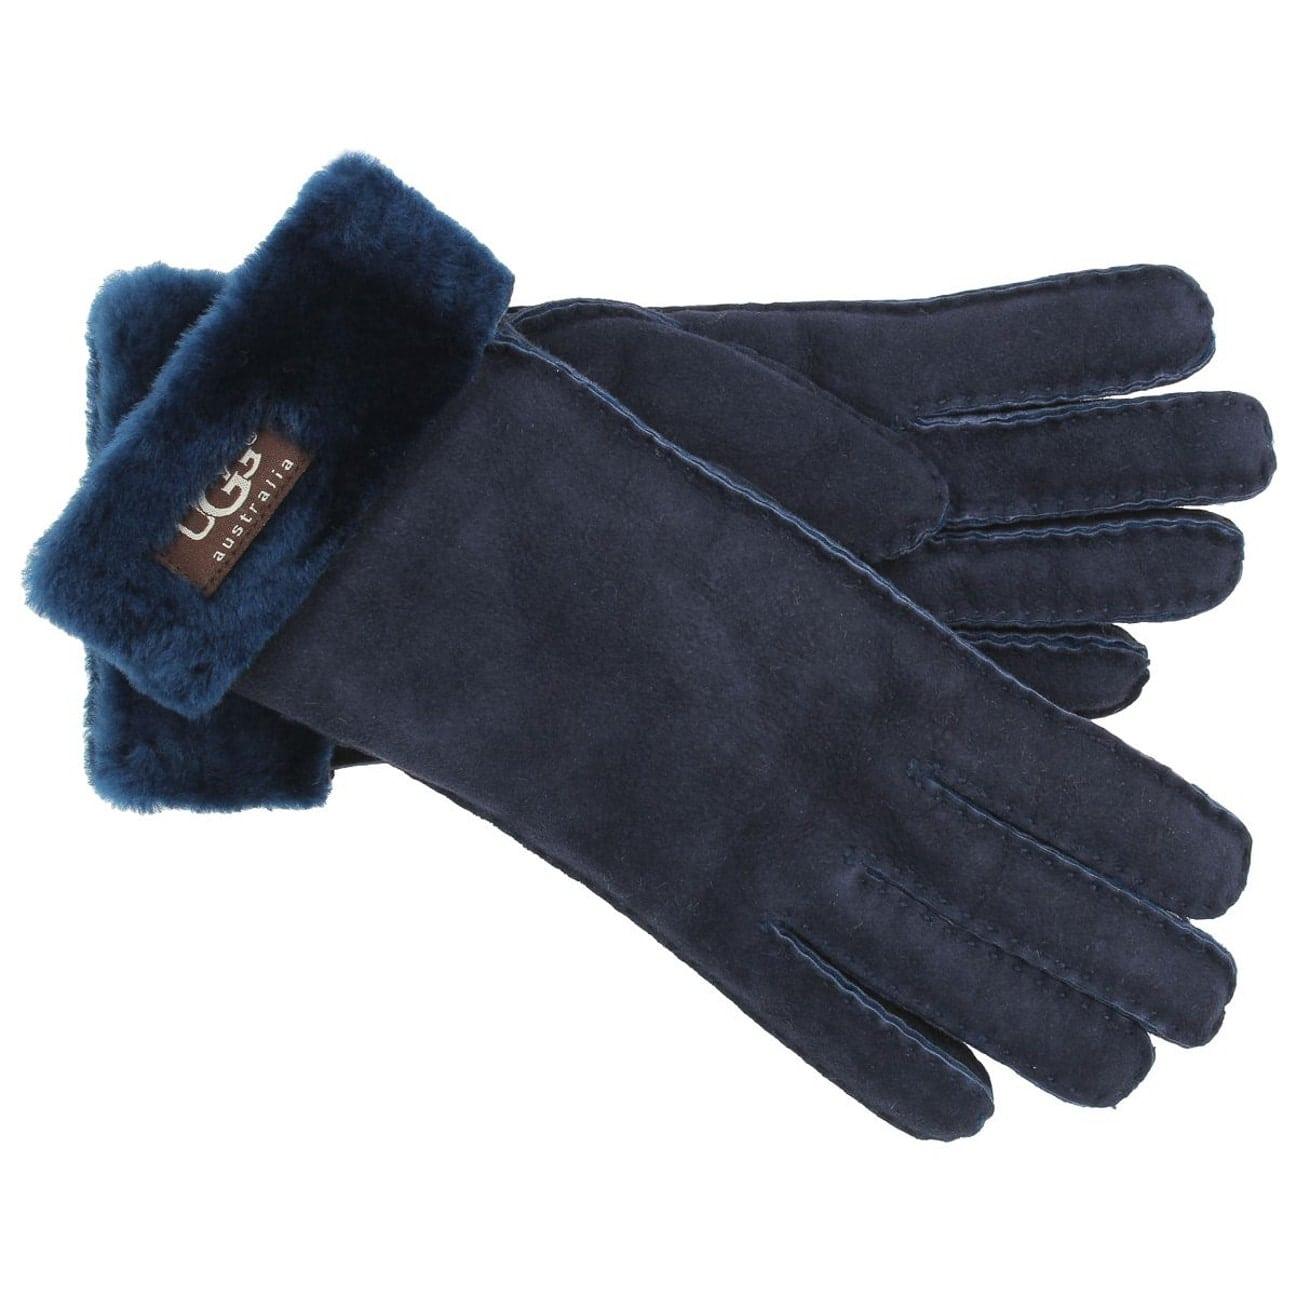 b8abb618fdad7f ... Klassik Damenhandschuh by UGG - blau 1 ...